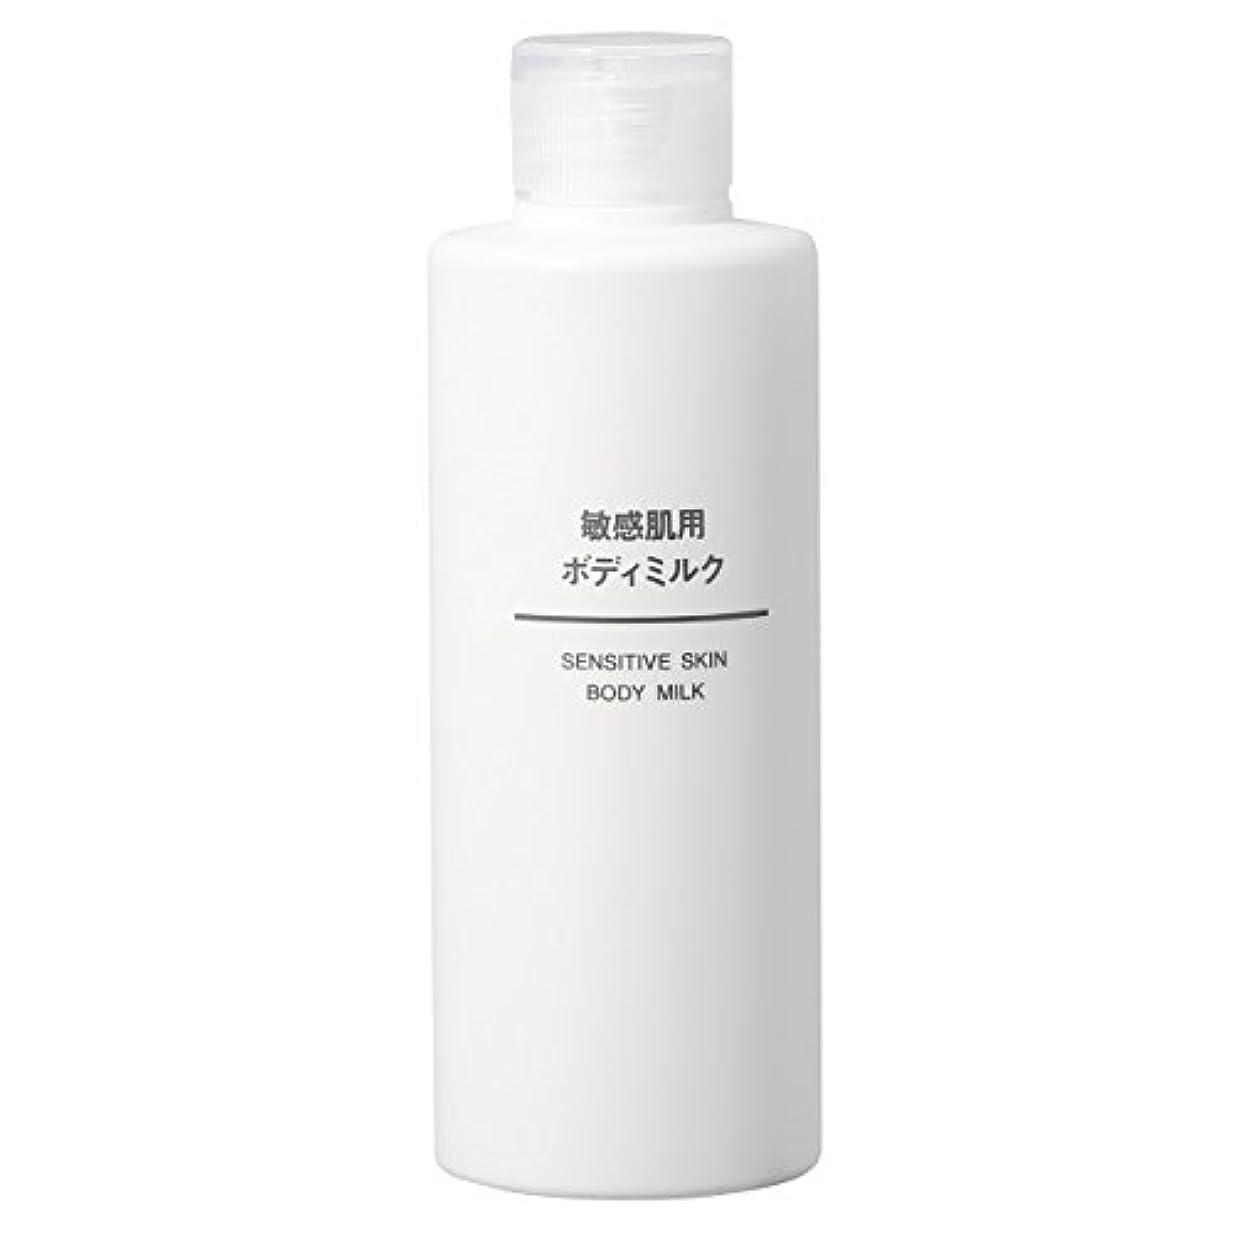 出くわす路地分岐する無印良品 敏感肌用 ボディミルク 200ml 日本製